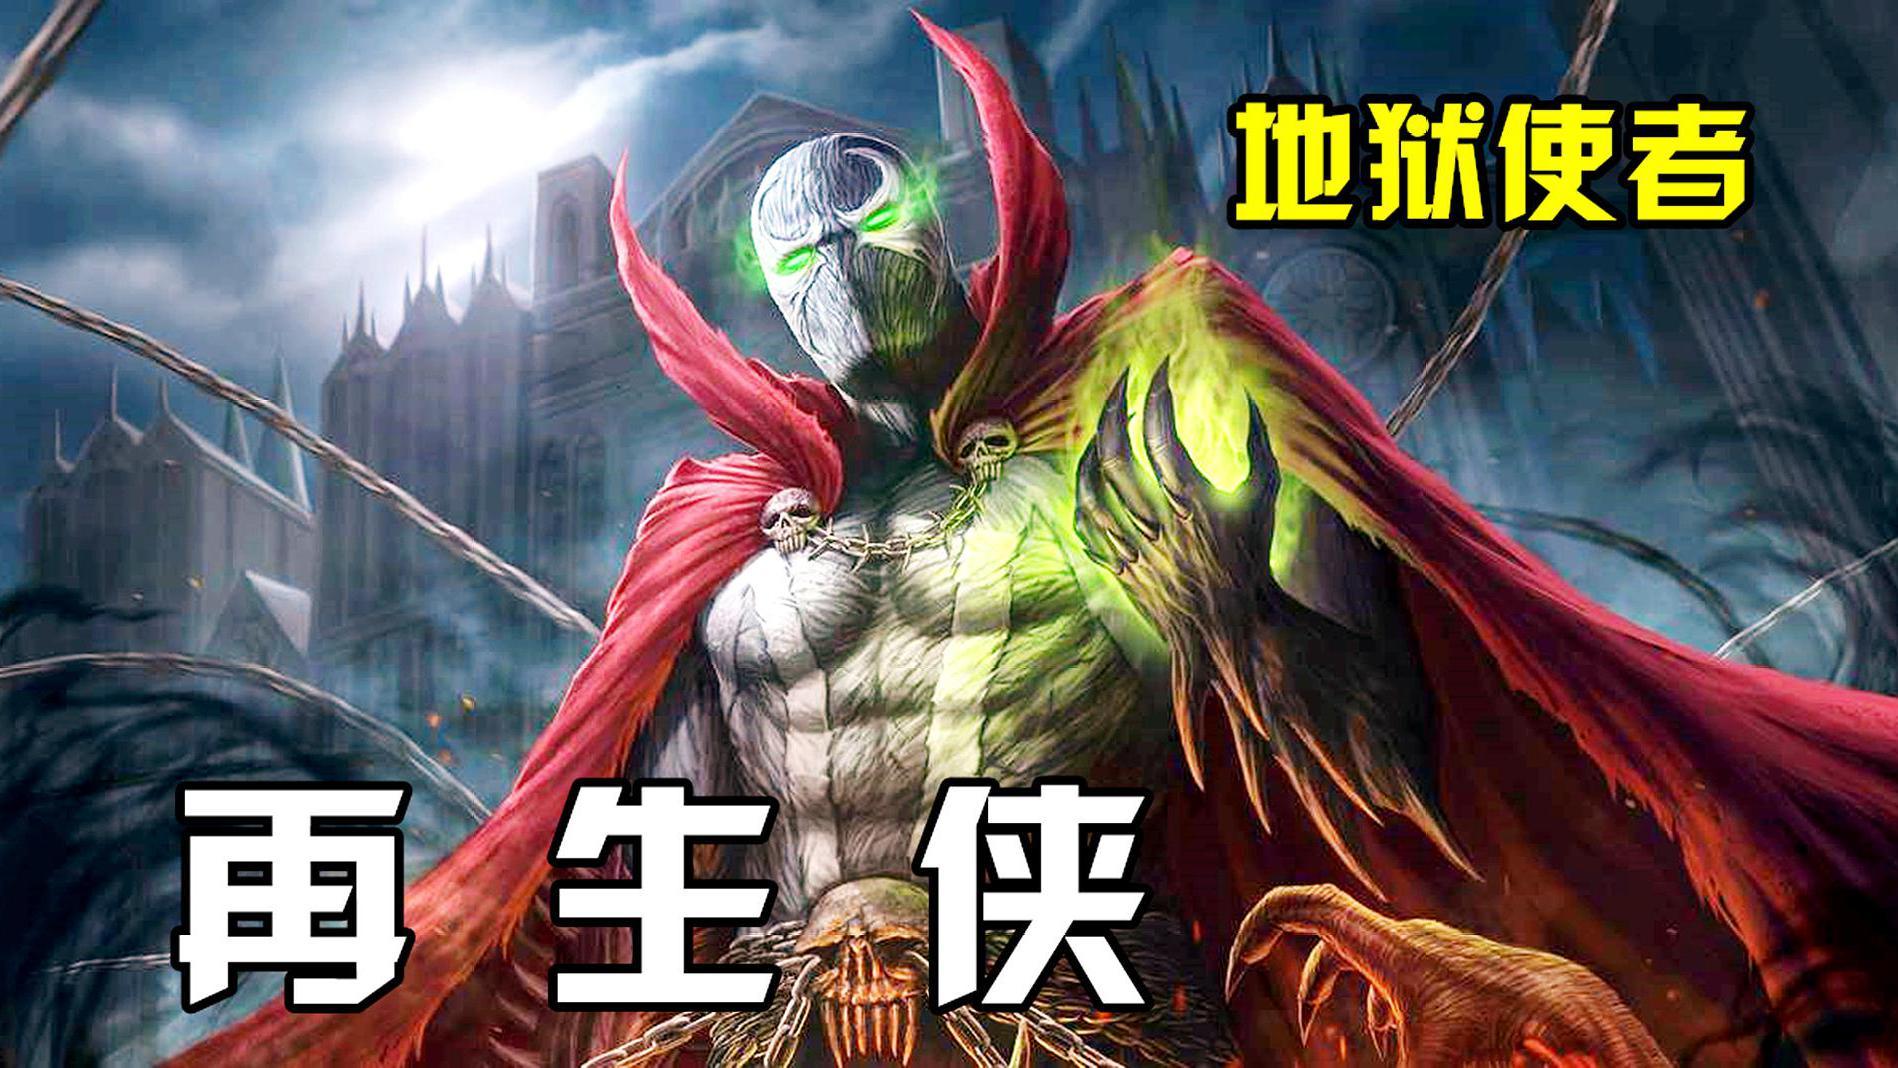 科幻片:人类从地狱复活,拥有再生不死能力,最后成为了超级英雄